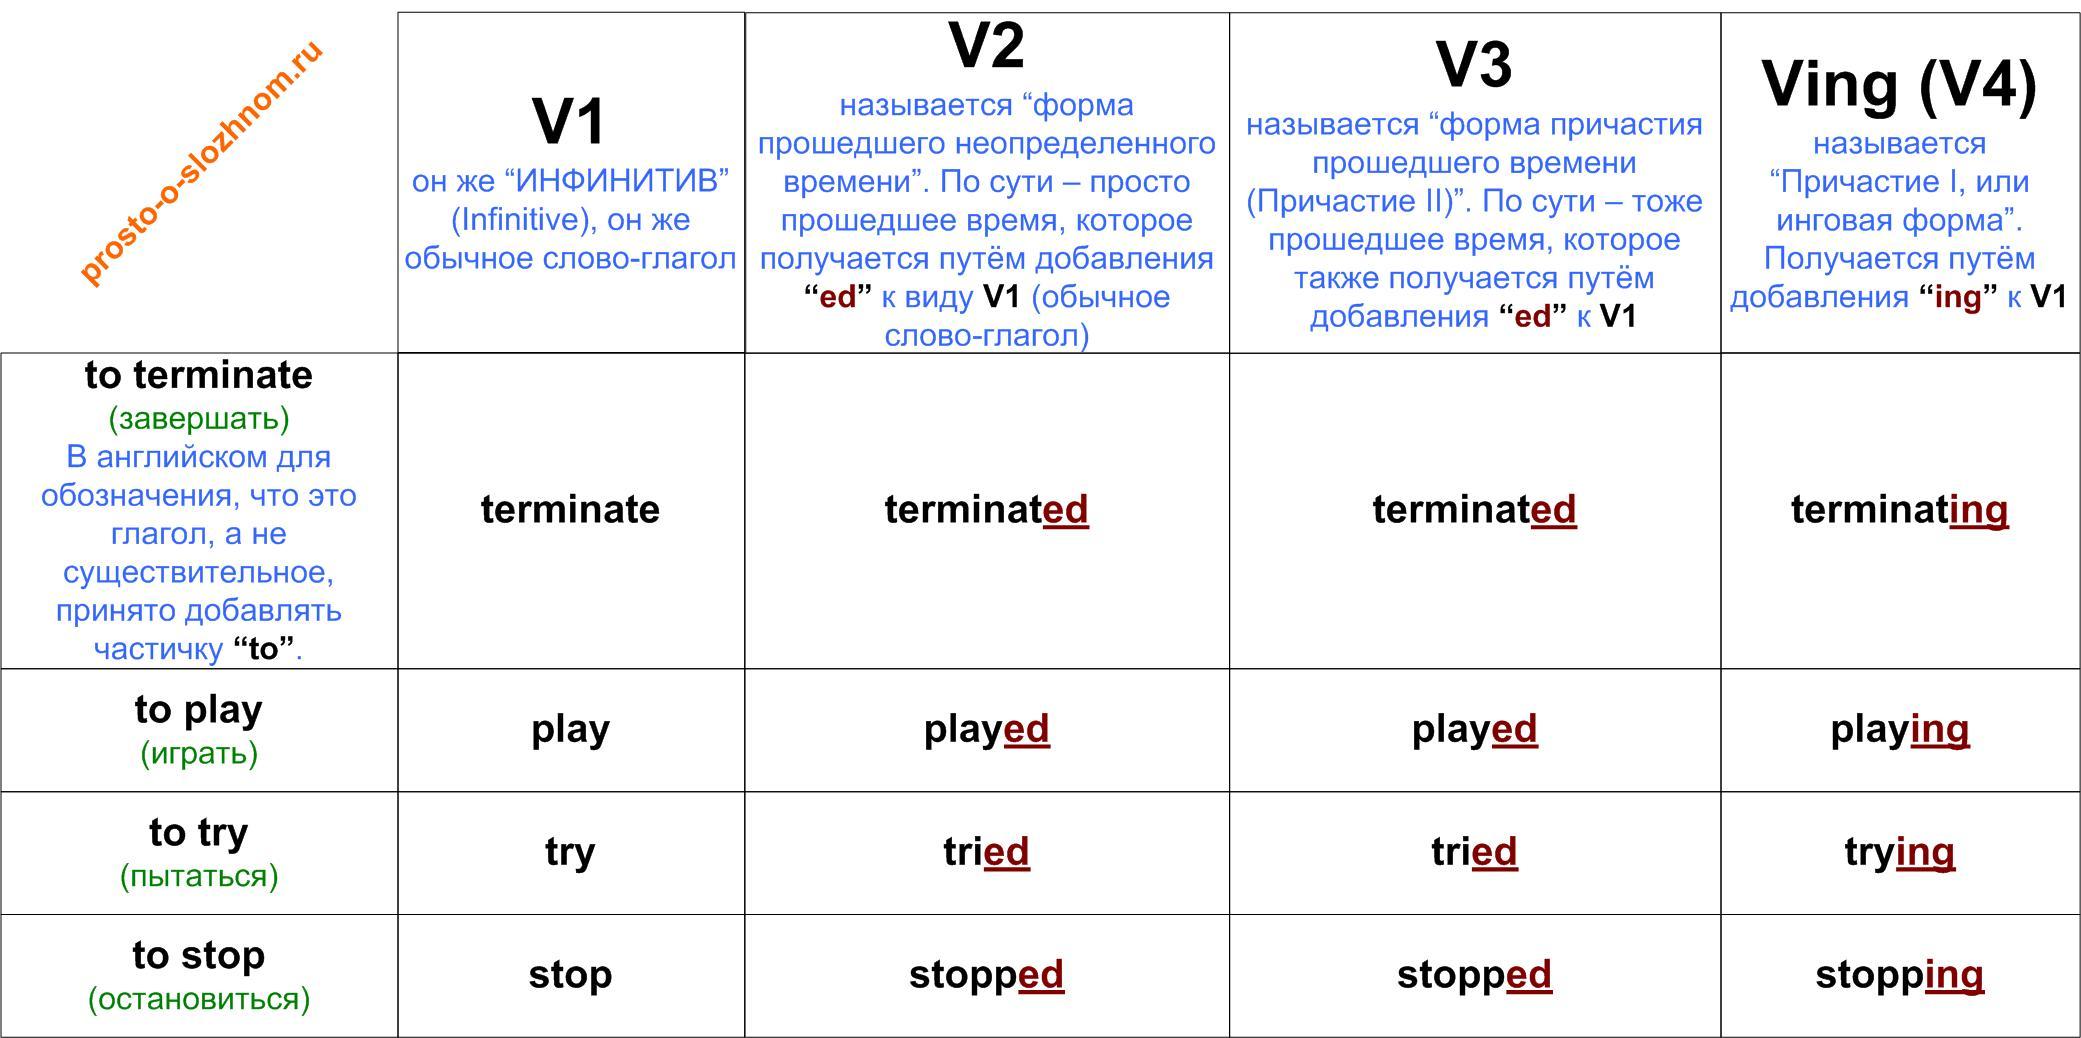 Когда употребляется неправильная форма глагола в английском языке